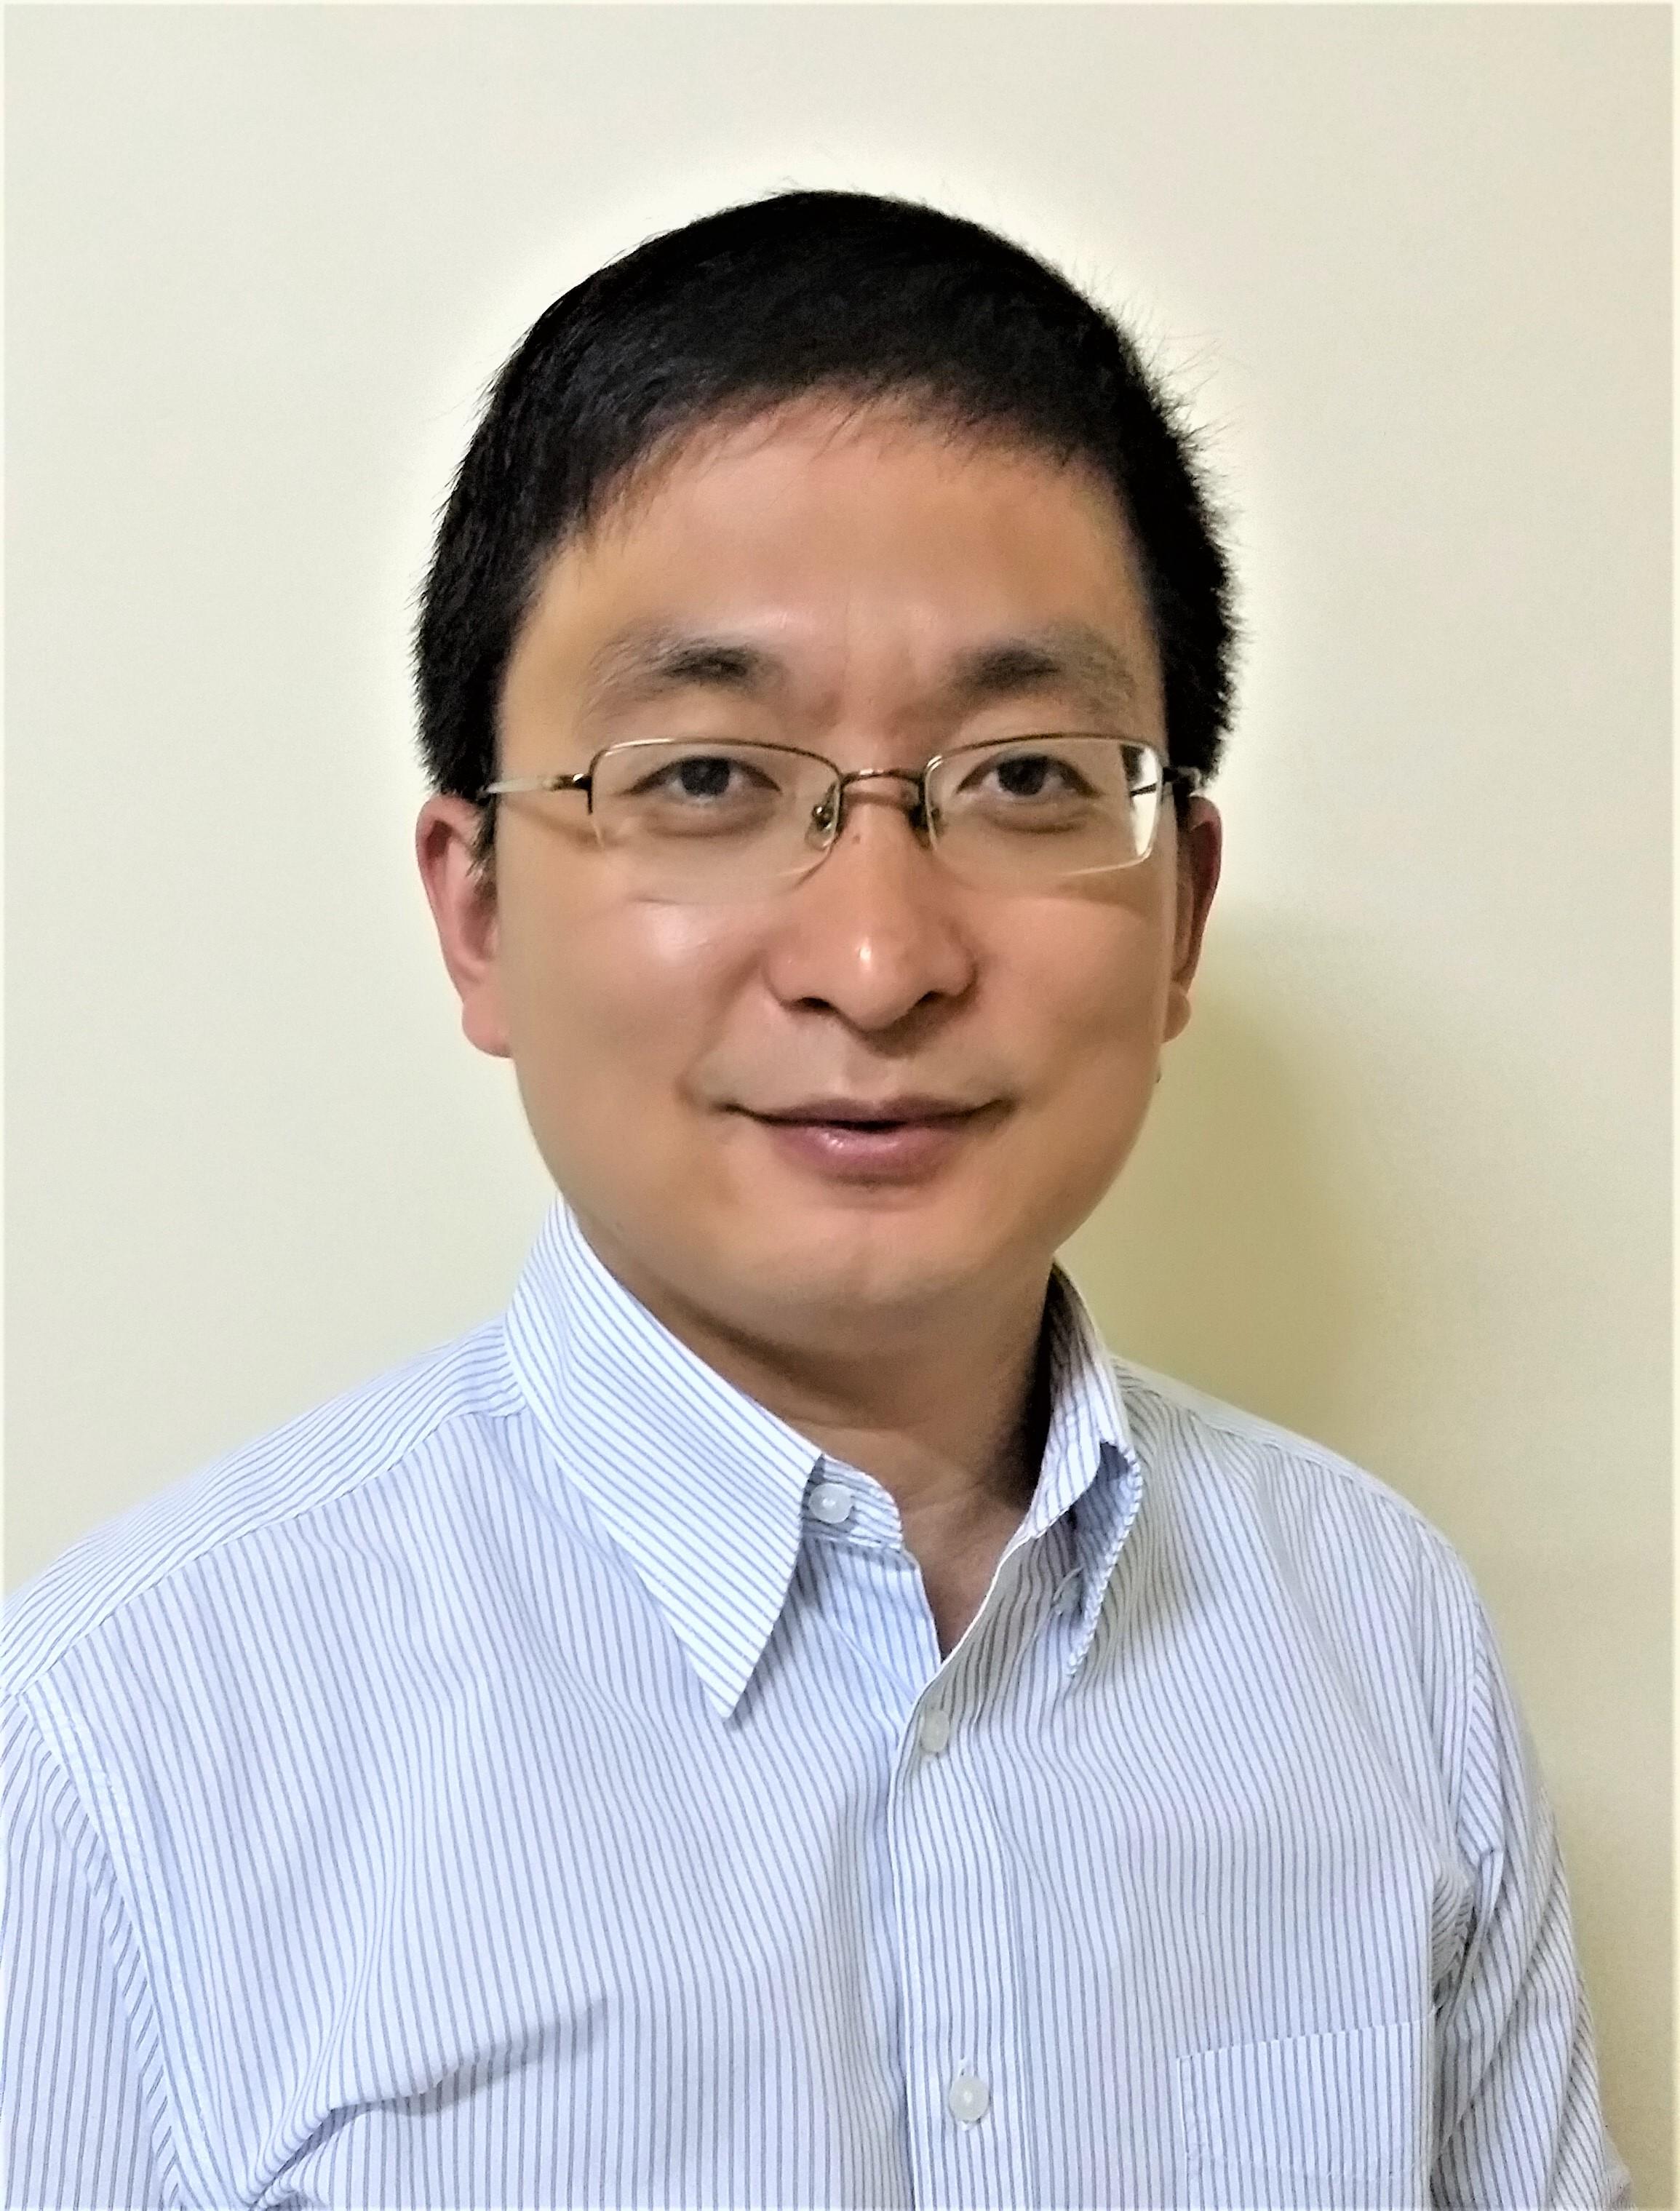 Yang Chai.jpg